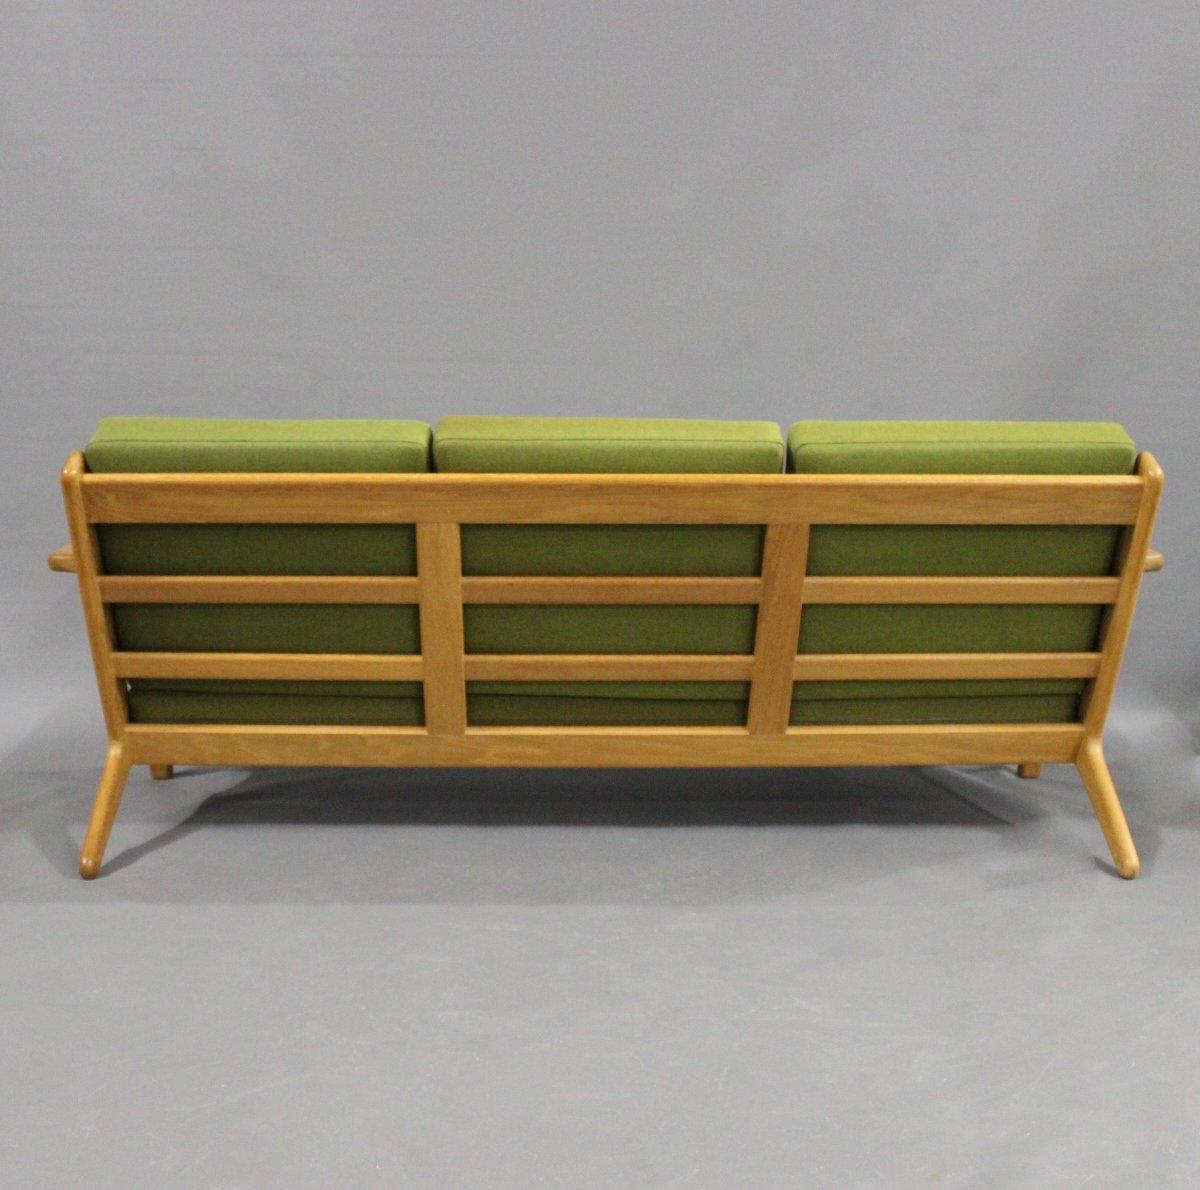 modell ge290 drei sitzer sofa aus eiche von hans j wegner f r getama 1960er bei pamono kaufen. Black Bedroom Furniture Sets. Home Design Ideas